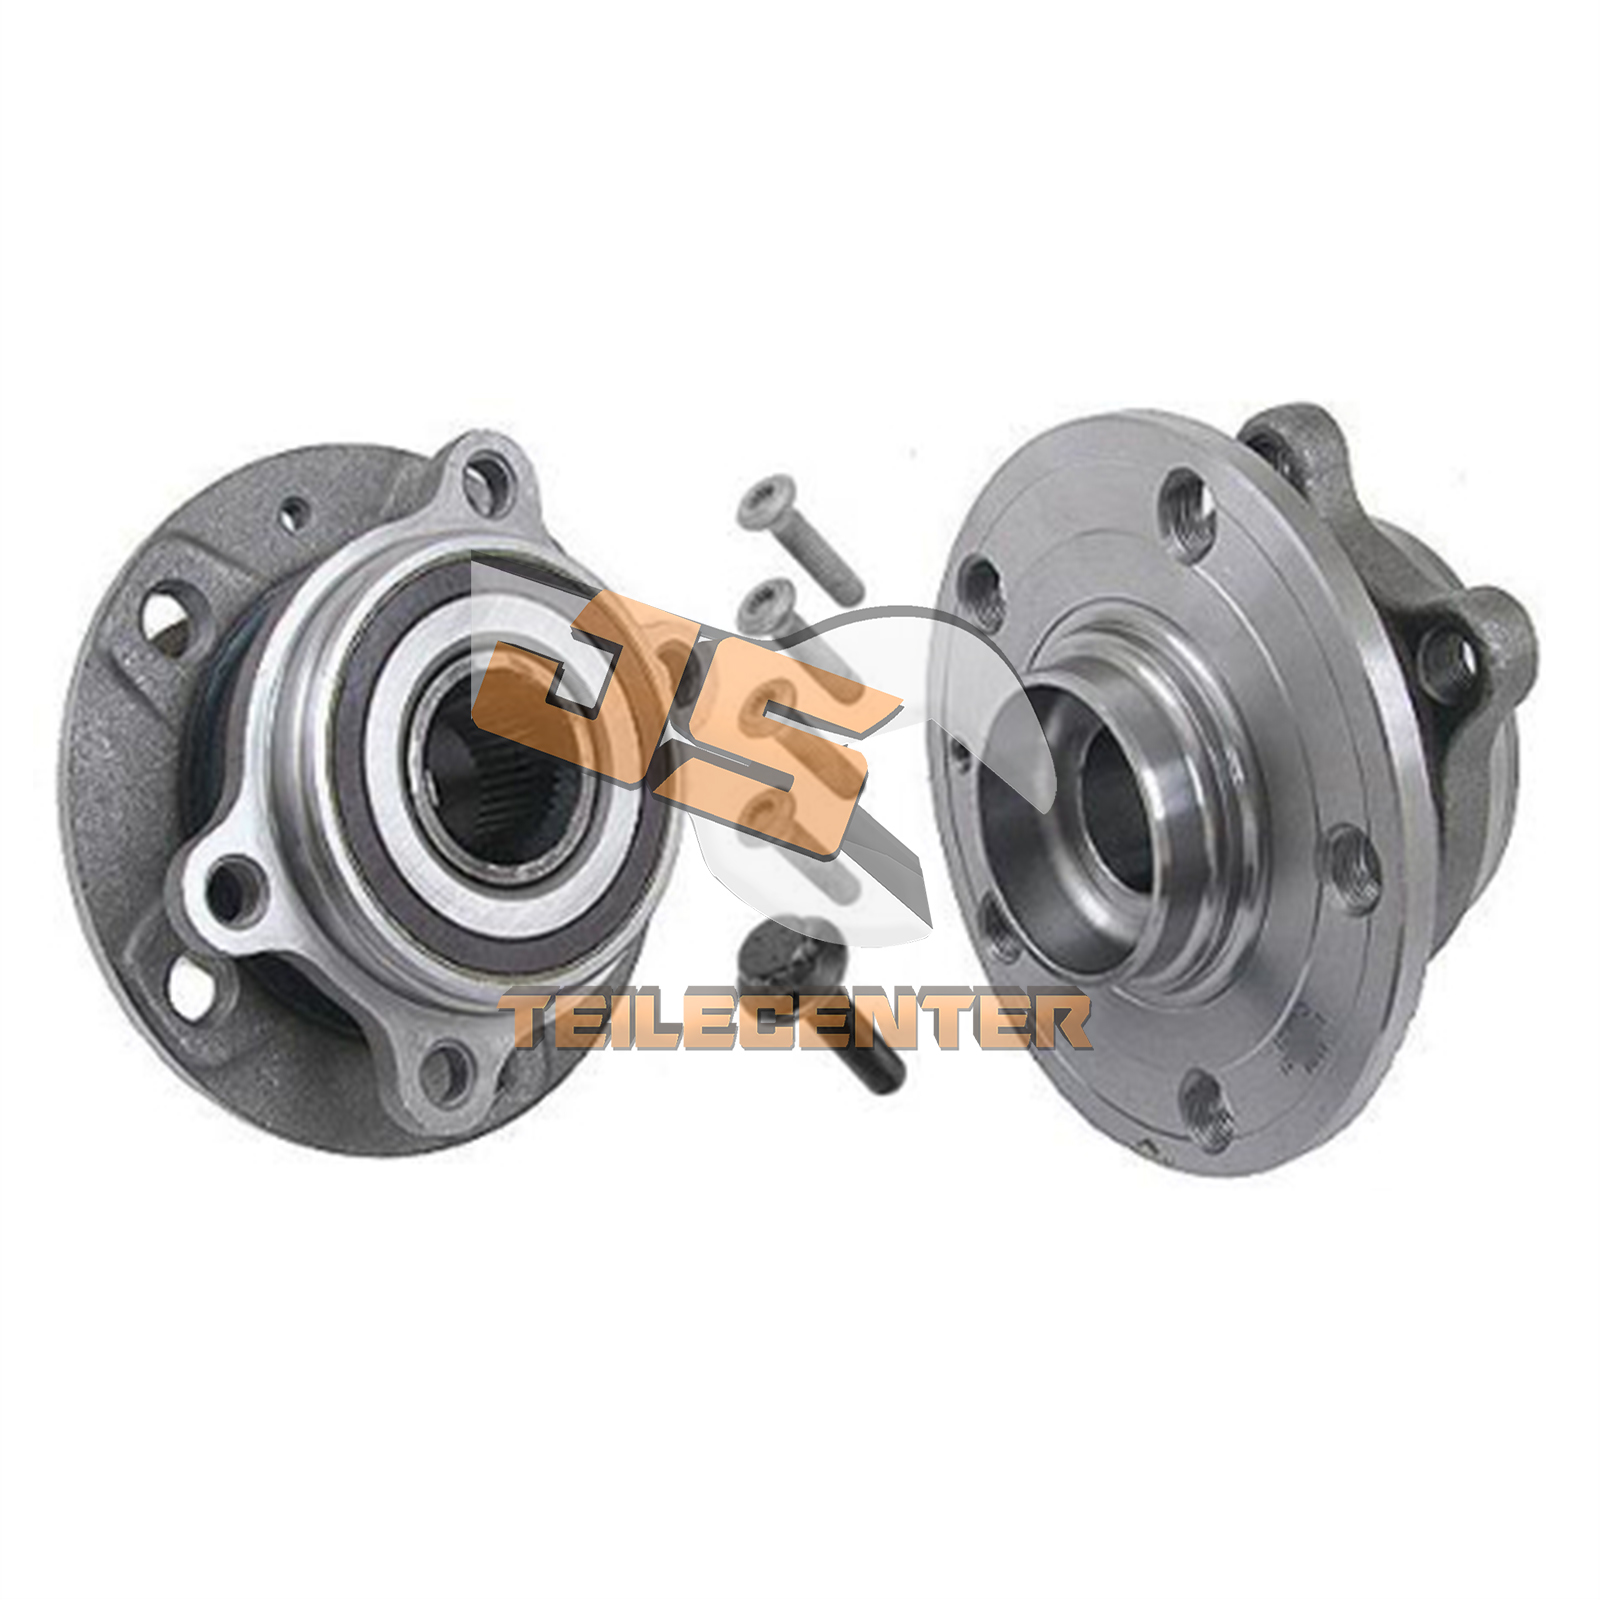 1 x Radlagersatz mit ABS-Sensorring f/ür vorne//f/ür die Vorderachse 1 x Radlager